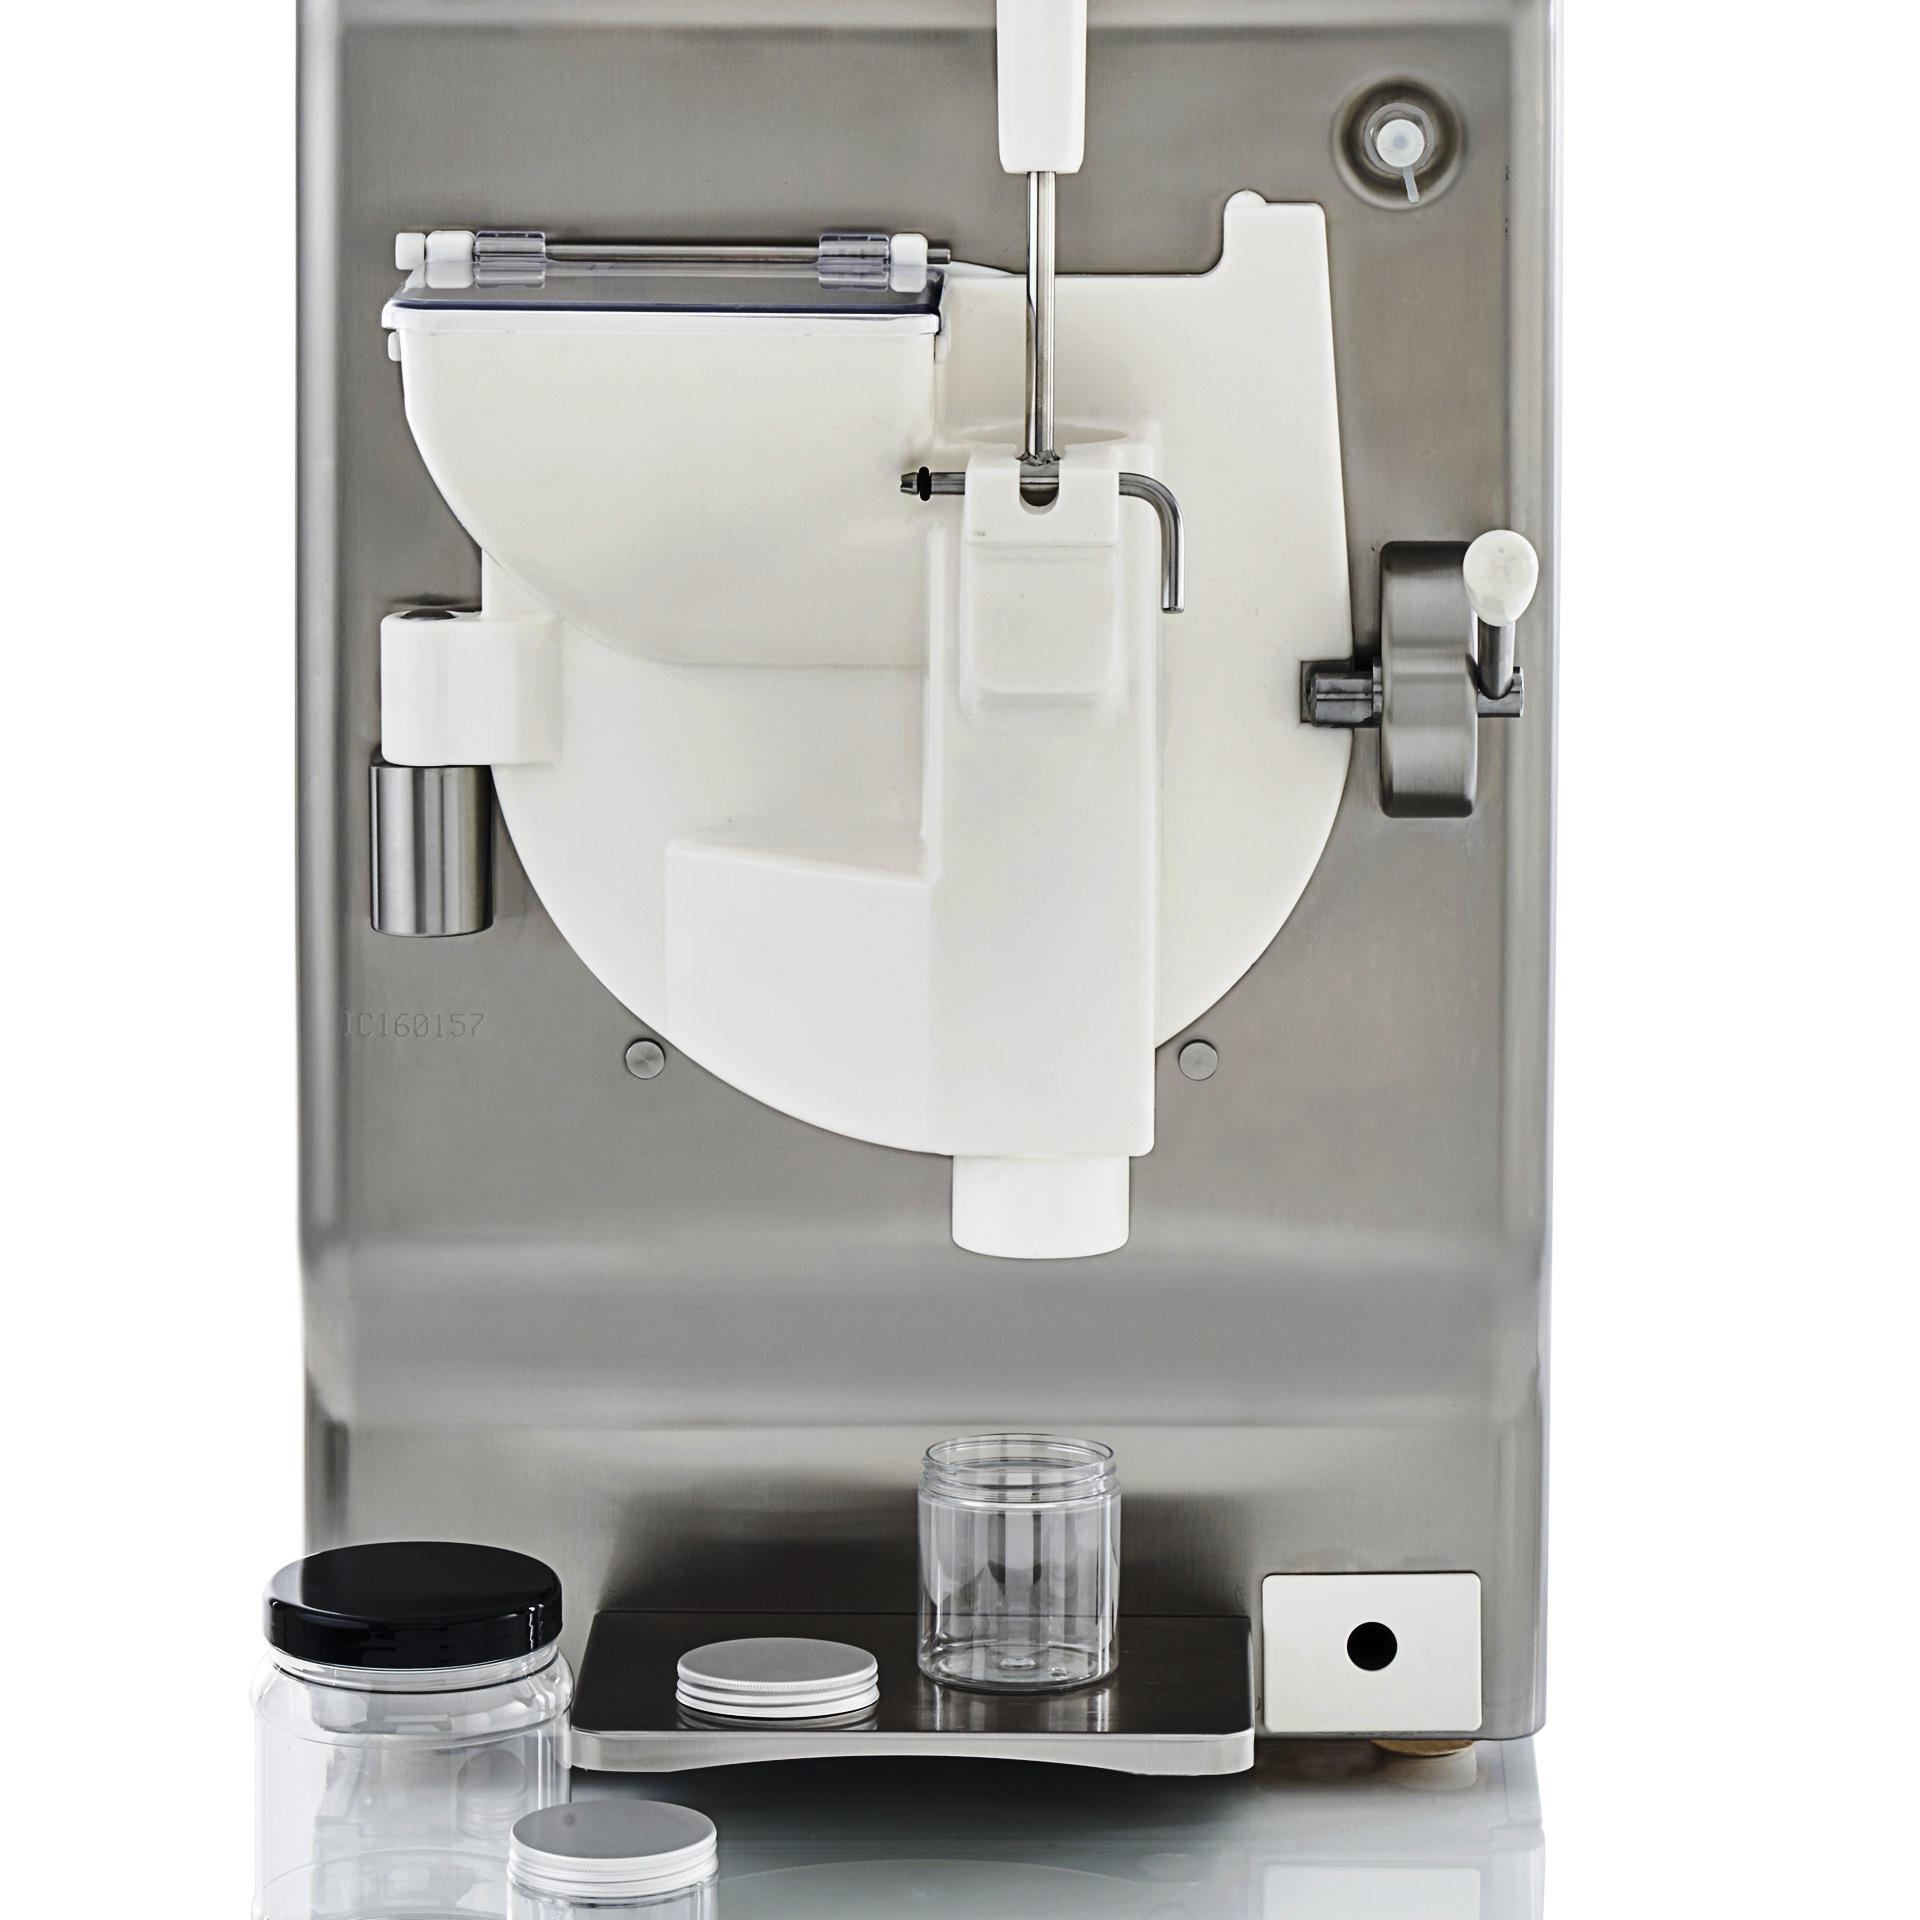 Maszyna do lodów z opcją napełniania słoików na wynos